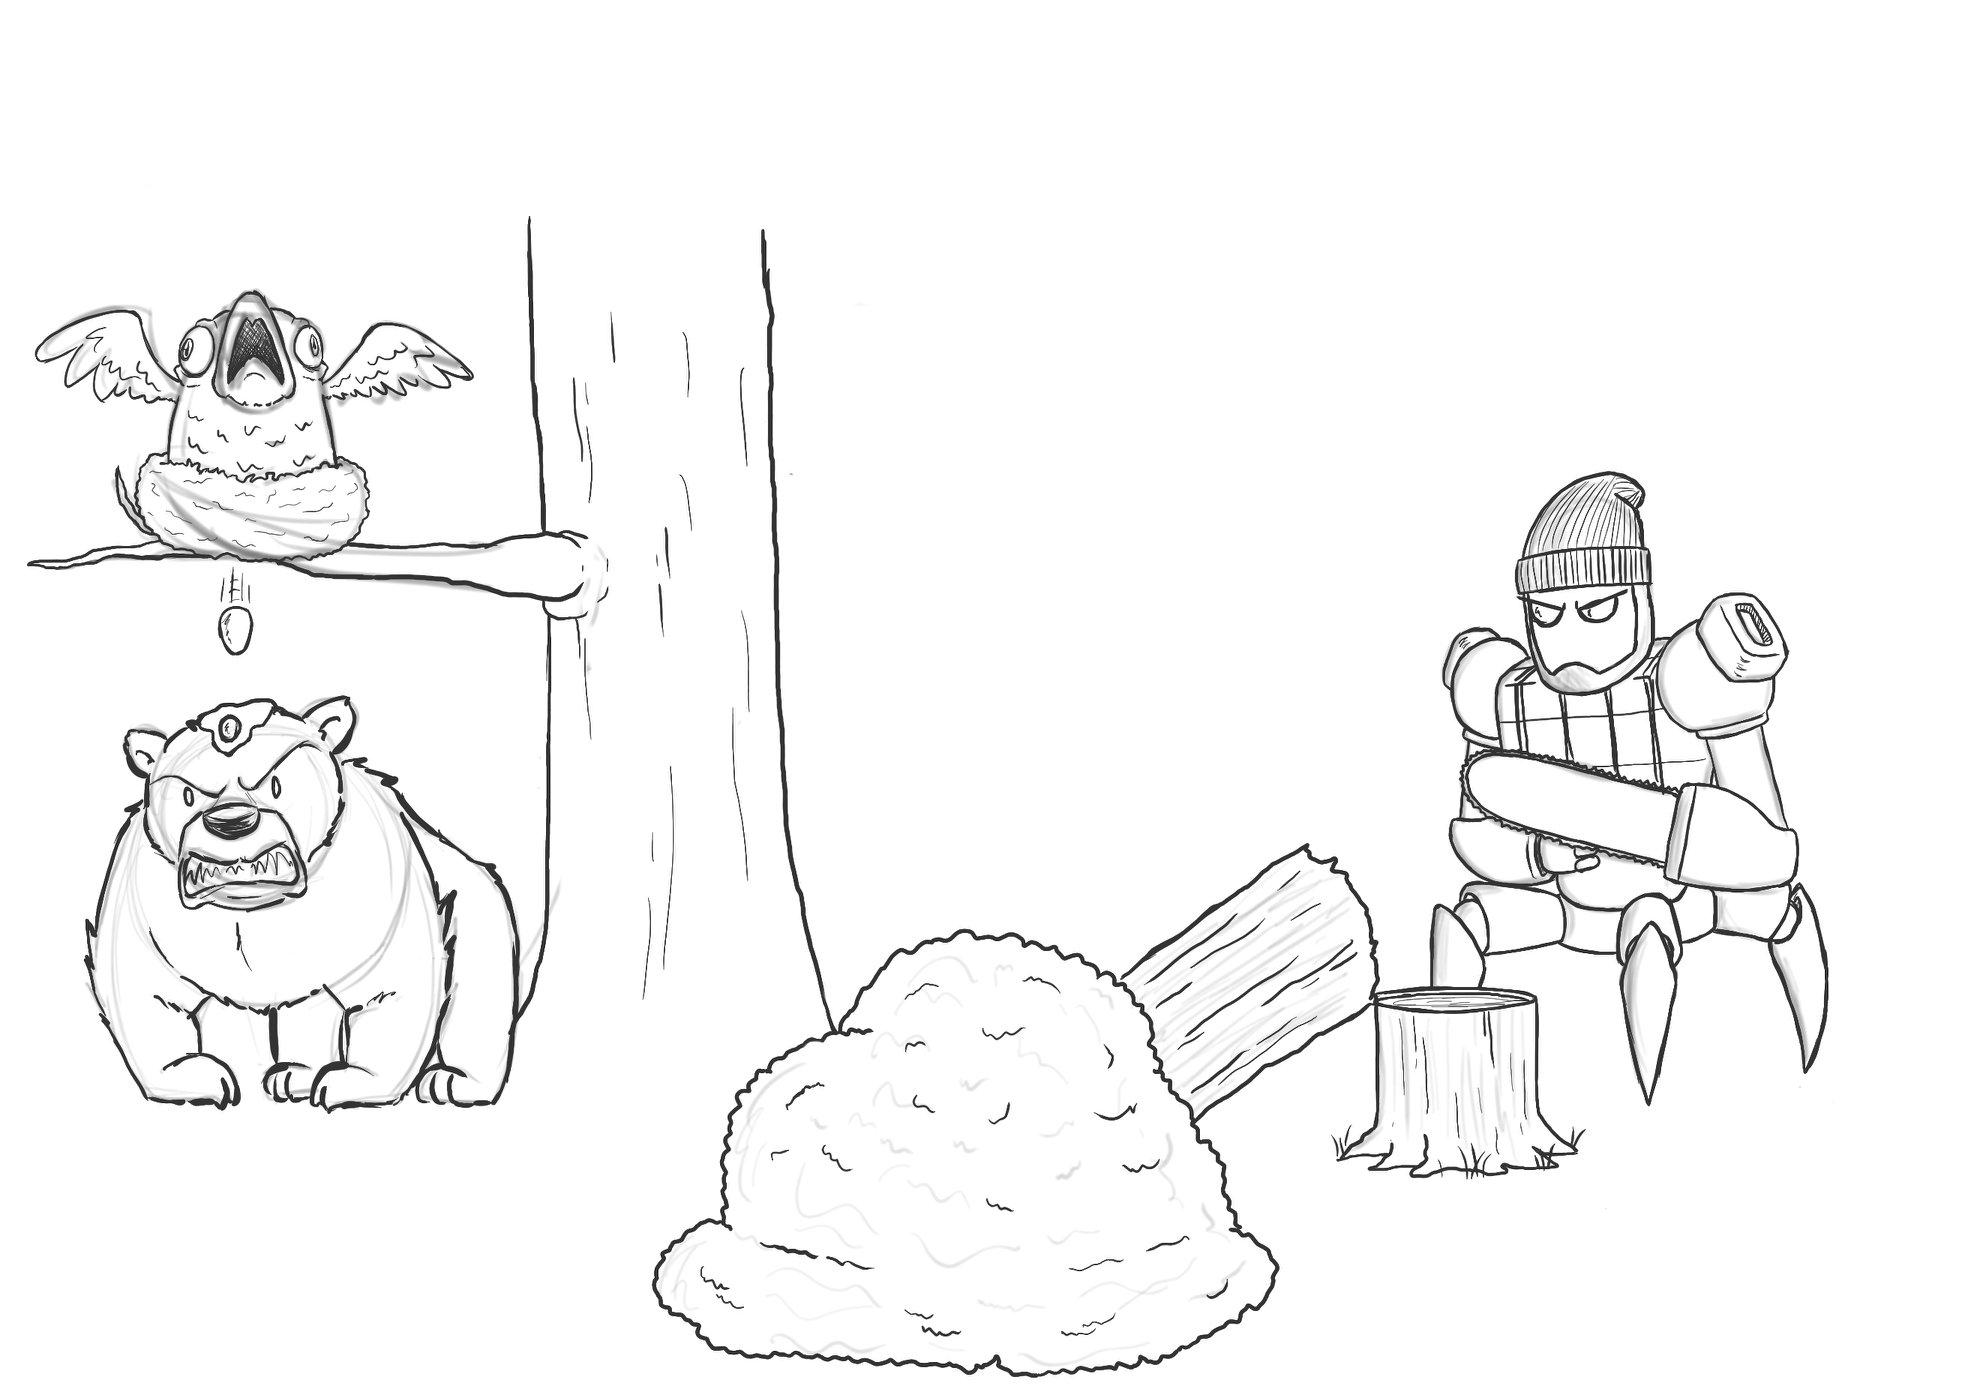 Artista passa um mes acrescentando um personagem por dia em seu desenho 2